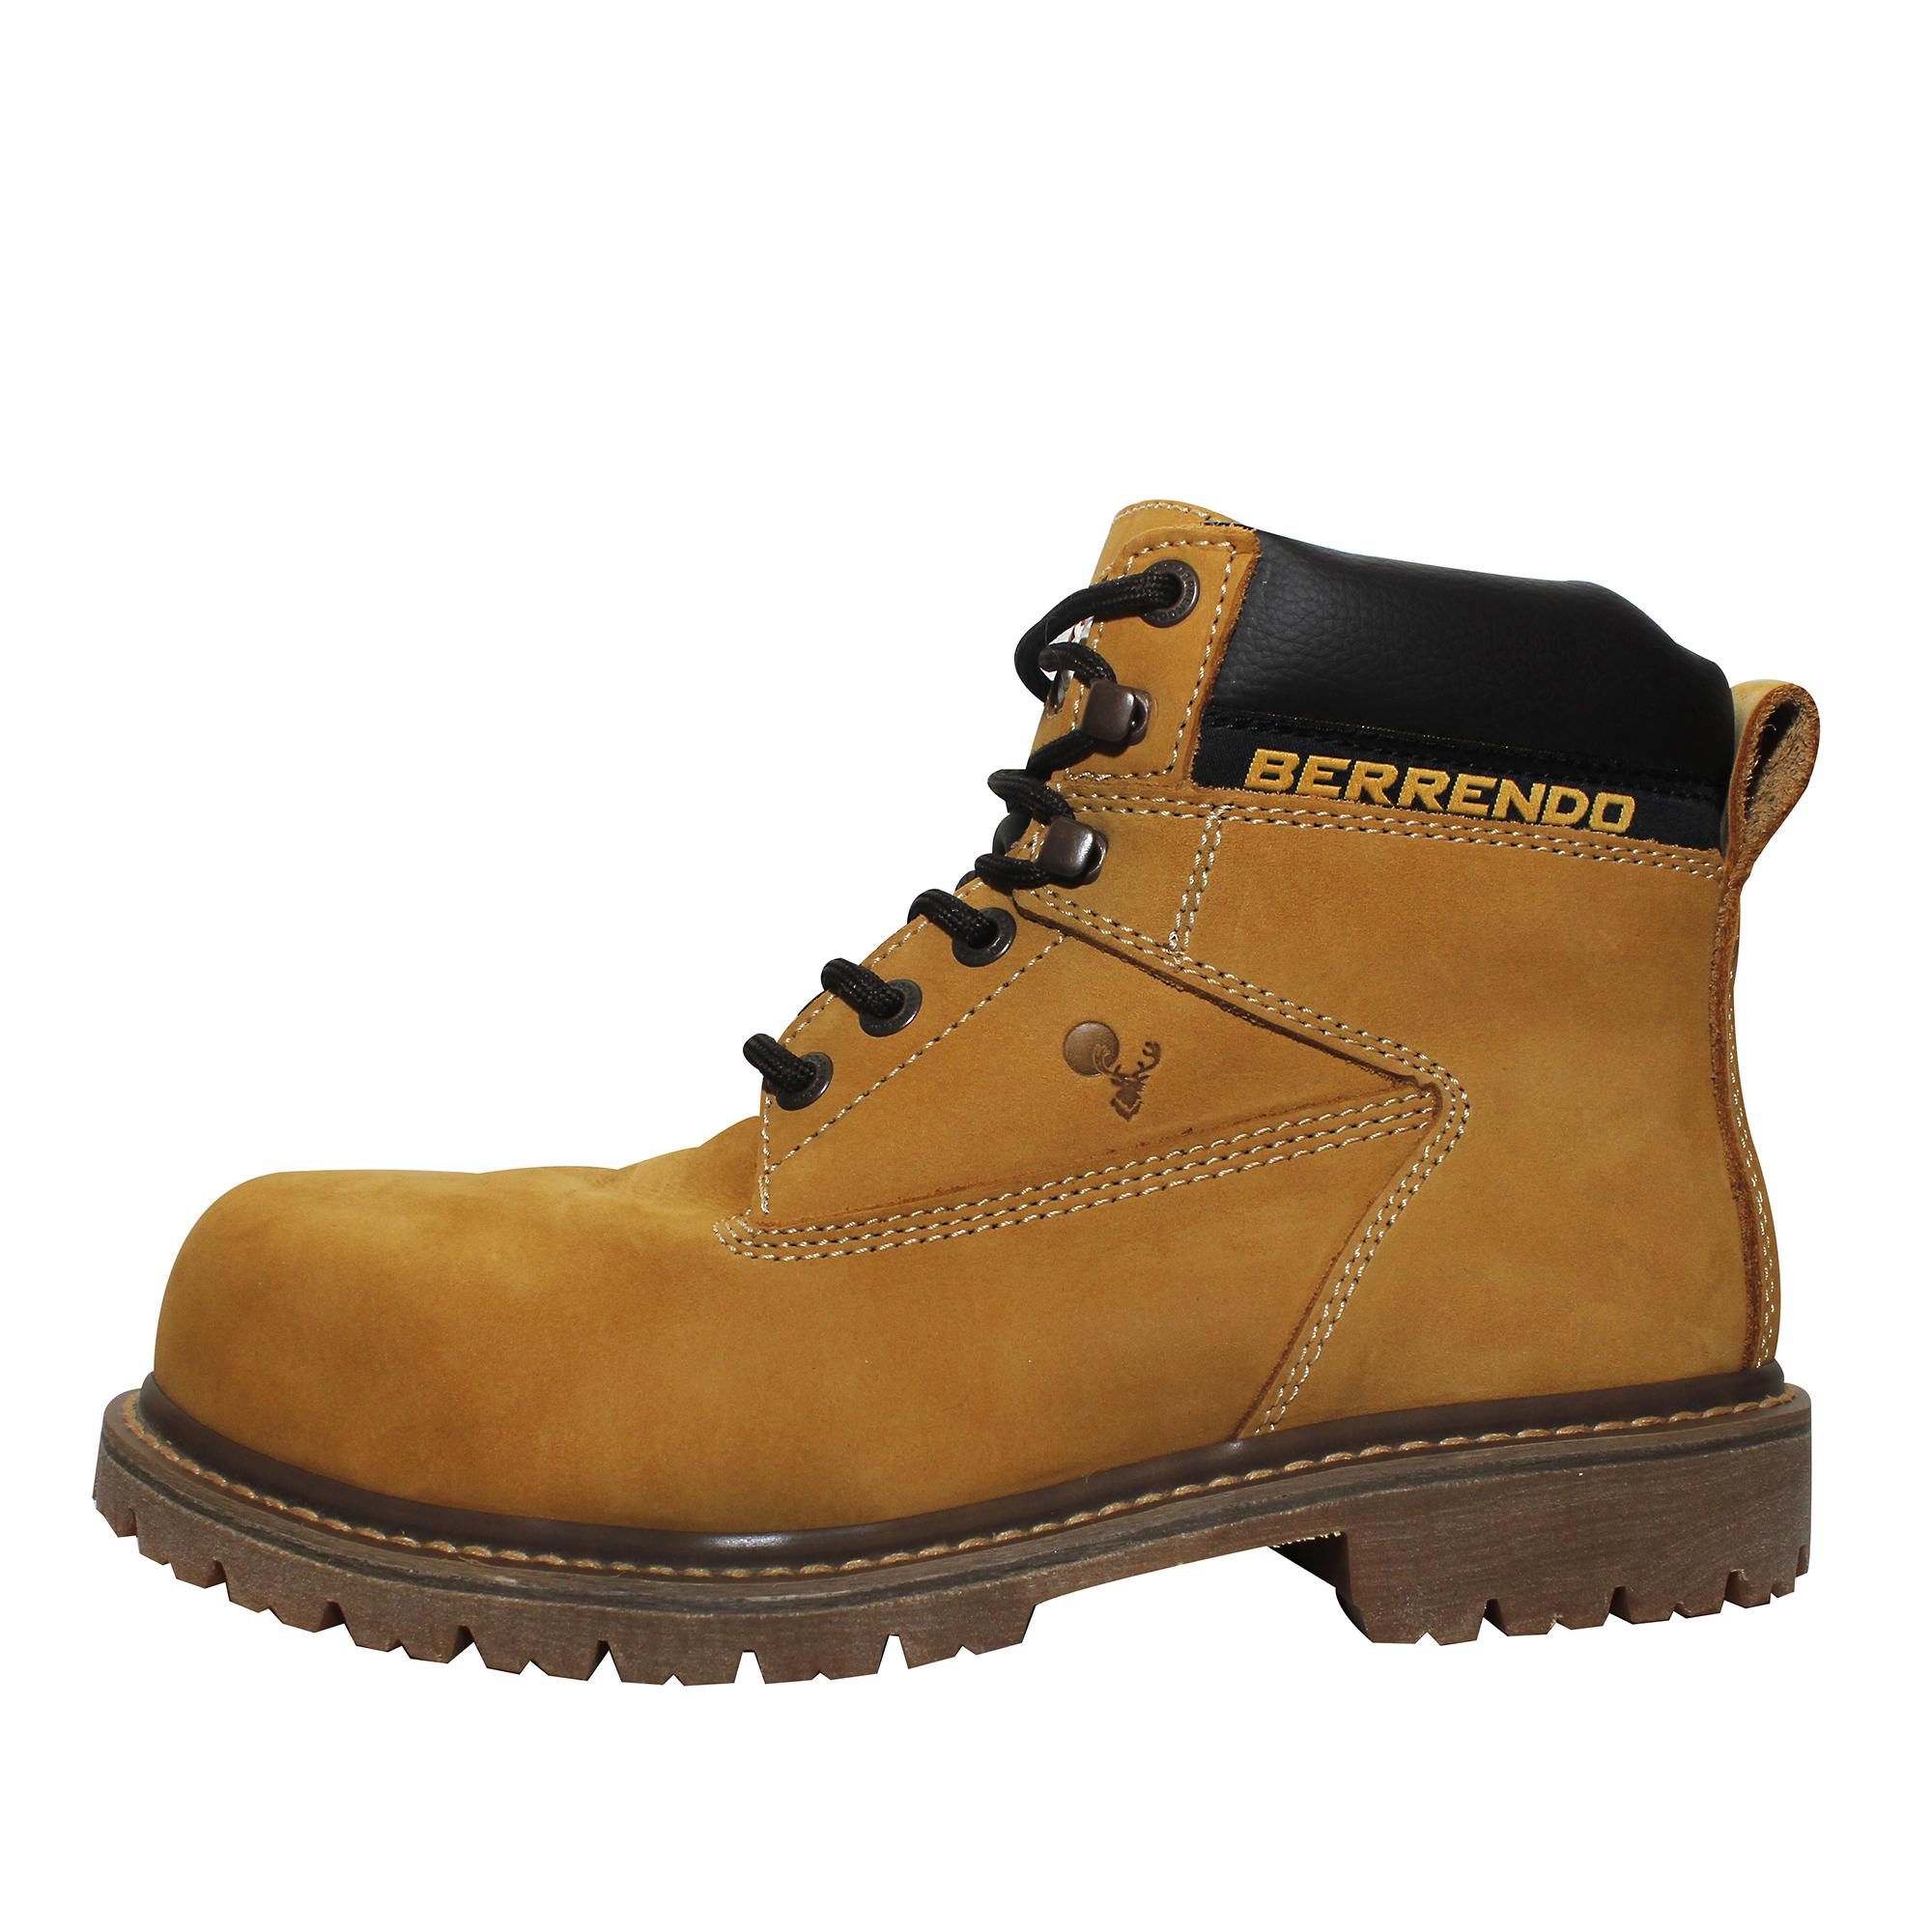 cec6413b5448e Bota berrendo seguridad miel urban outdoor jpg 2000x2000 Color miel zapatos  caterpillar catalogo